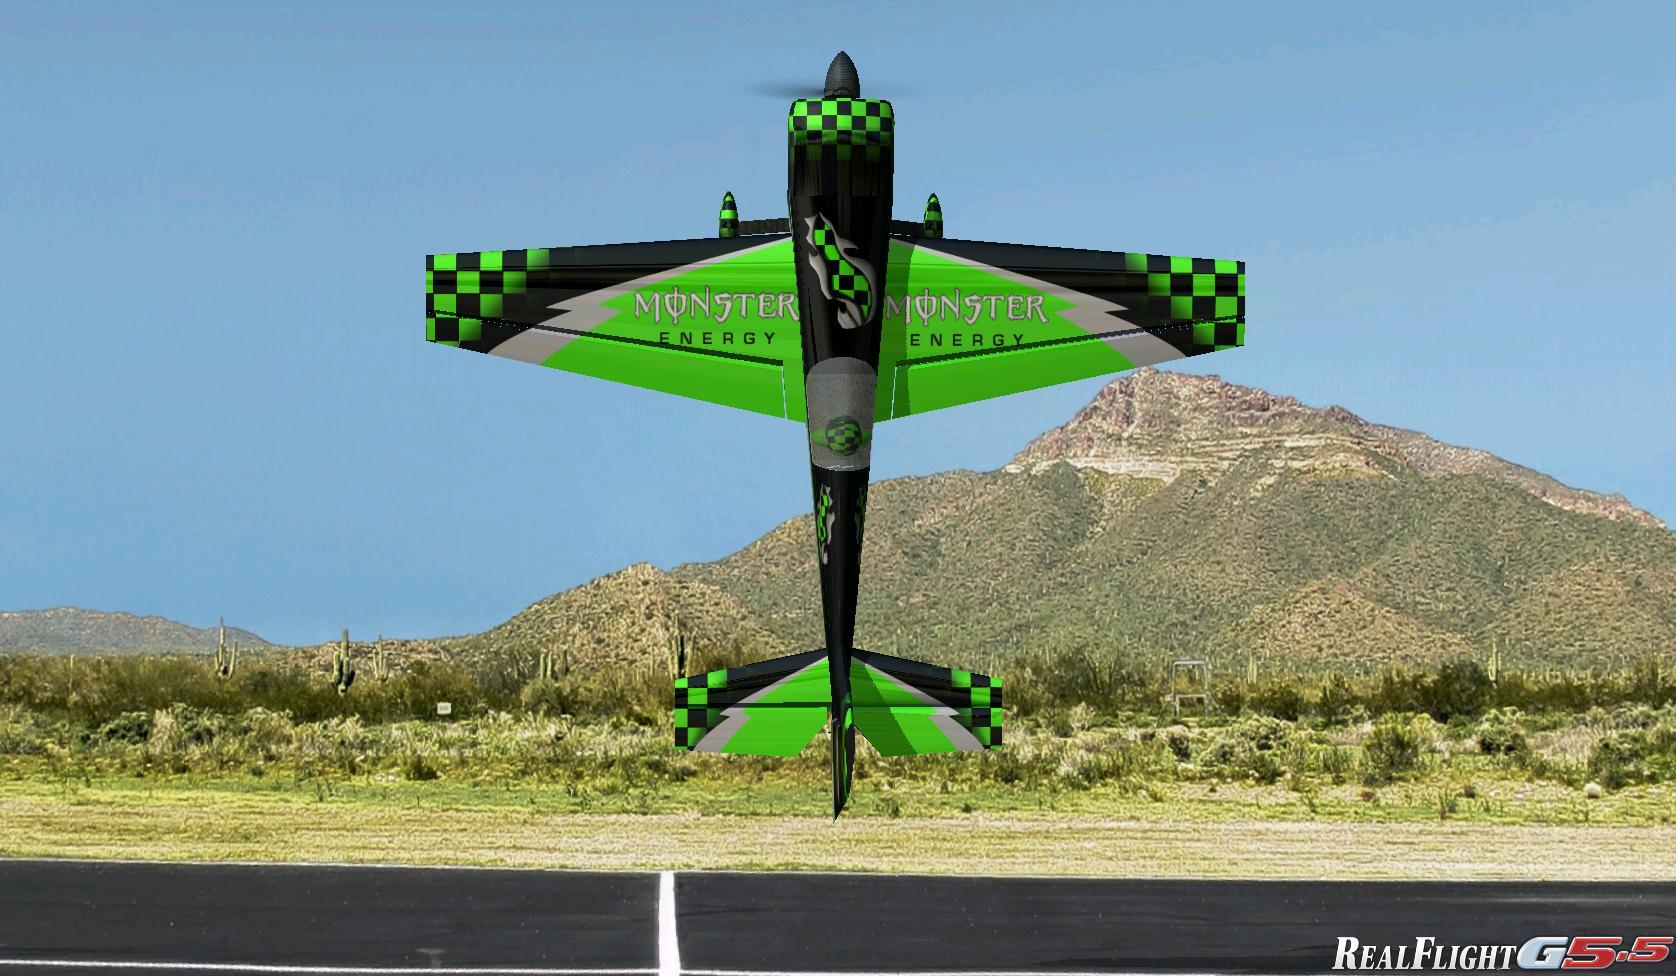 monster 260 hover_HaP.jpg